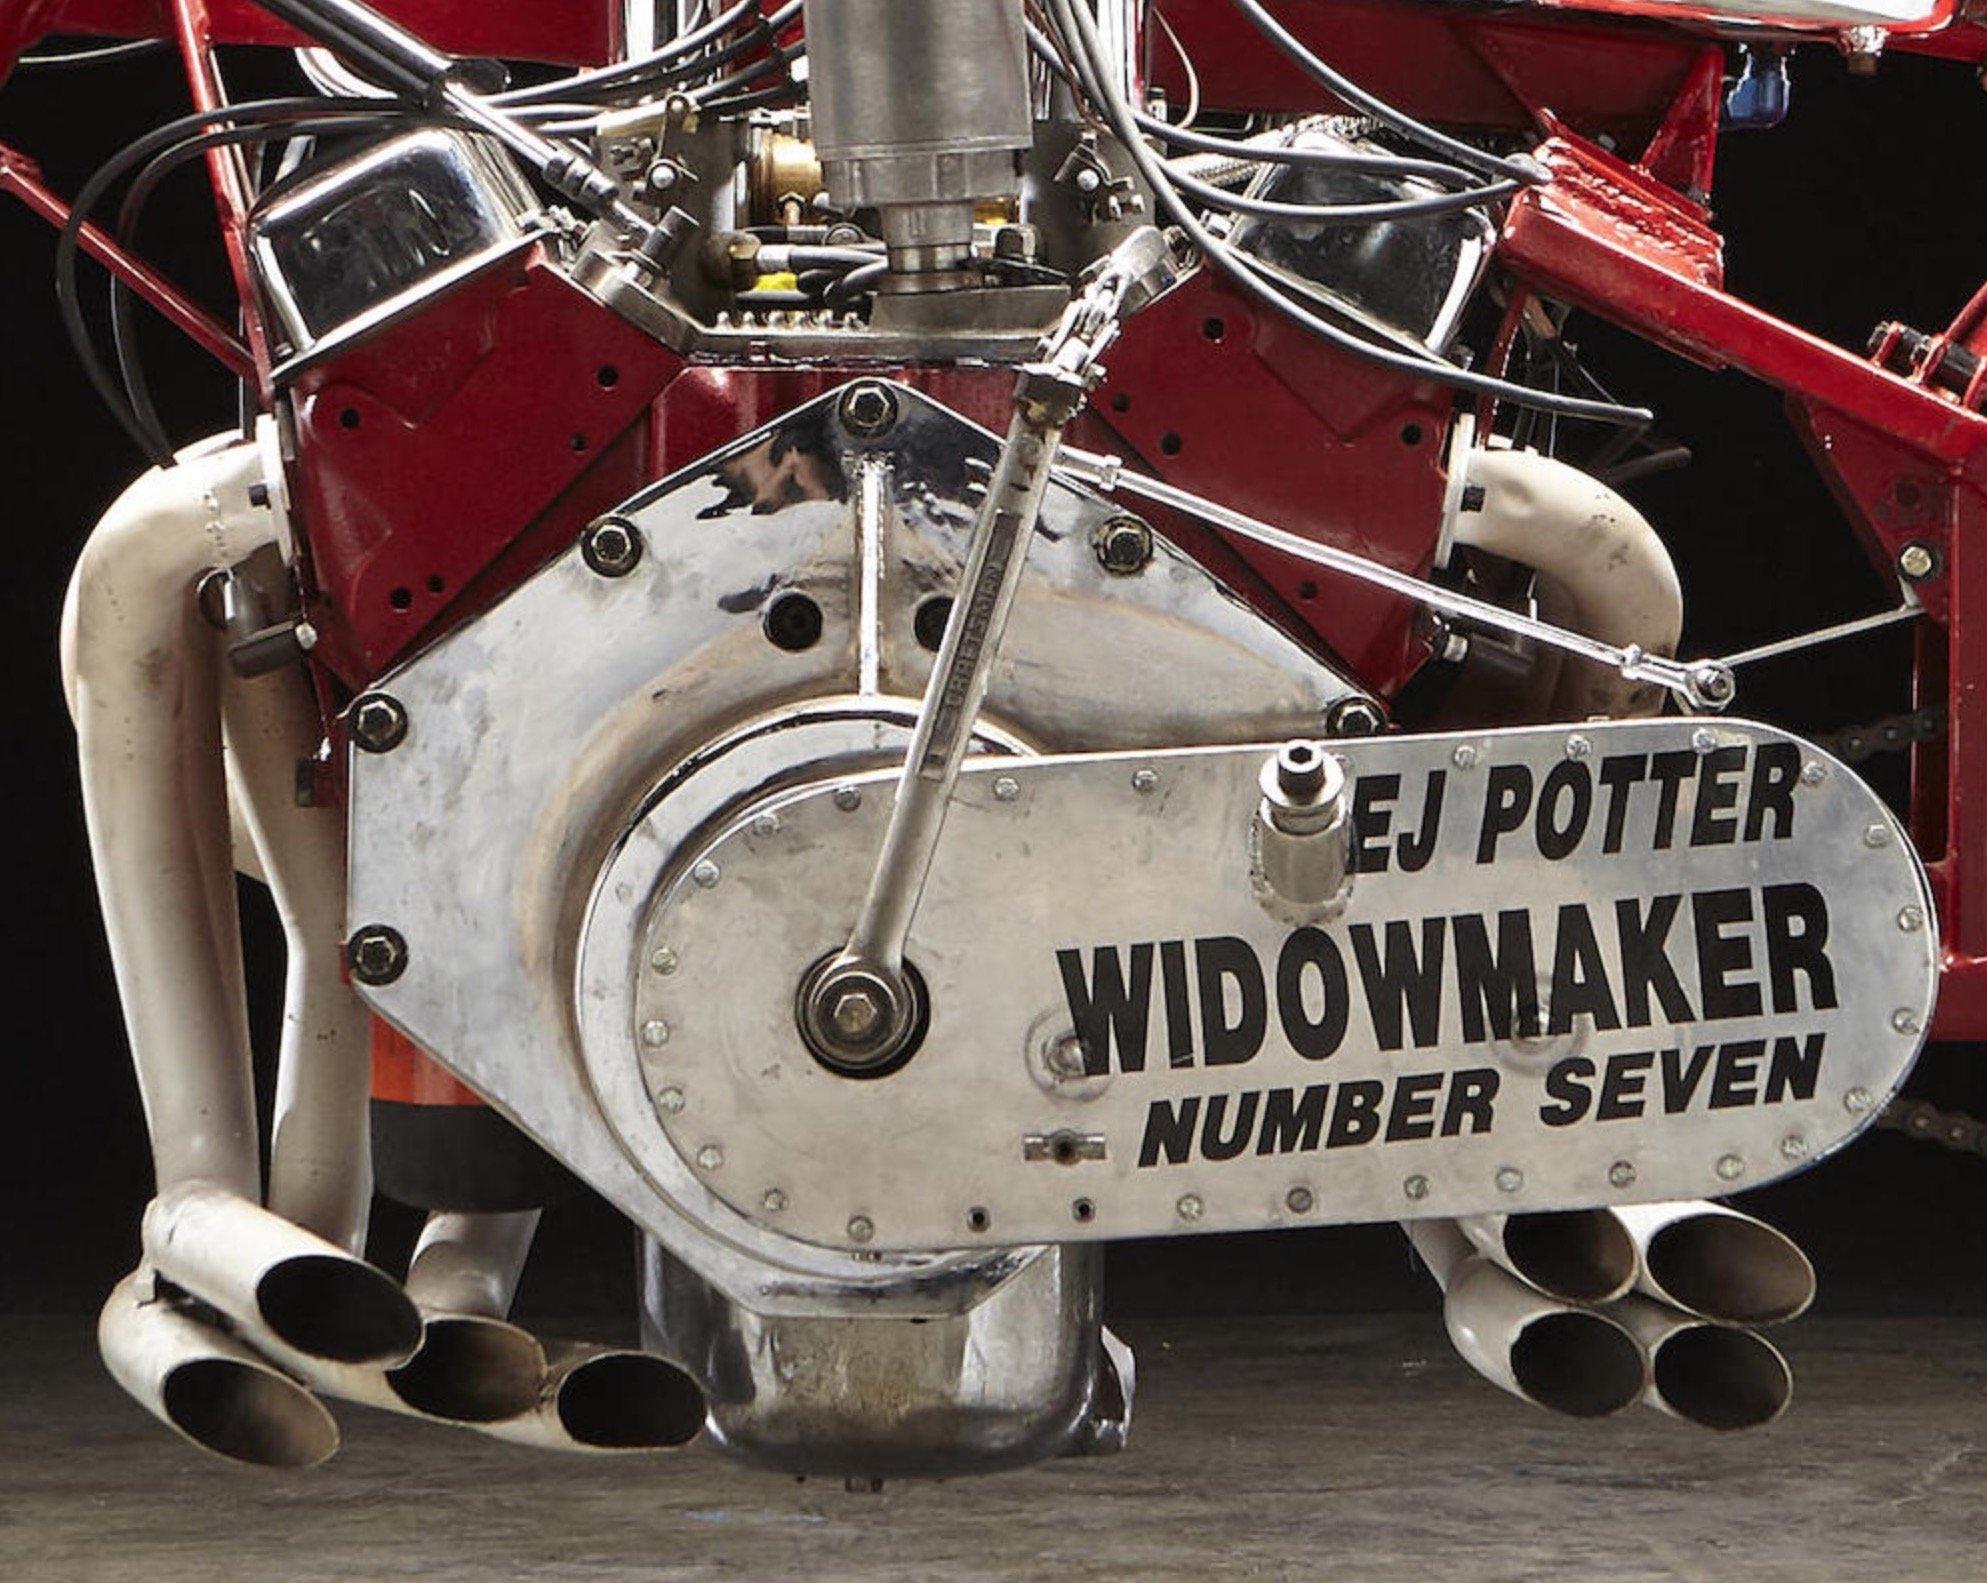 EJ Potter V8 Dragbike Widowmaker 7